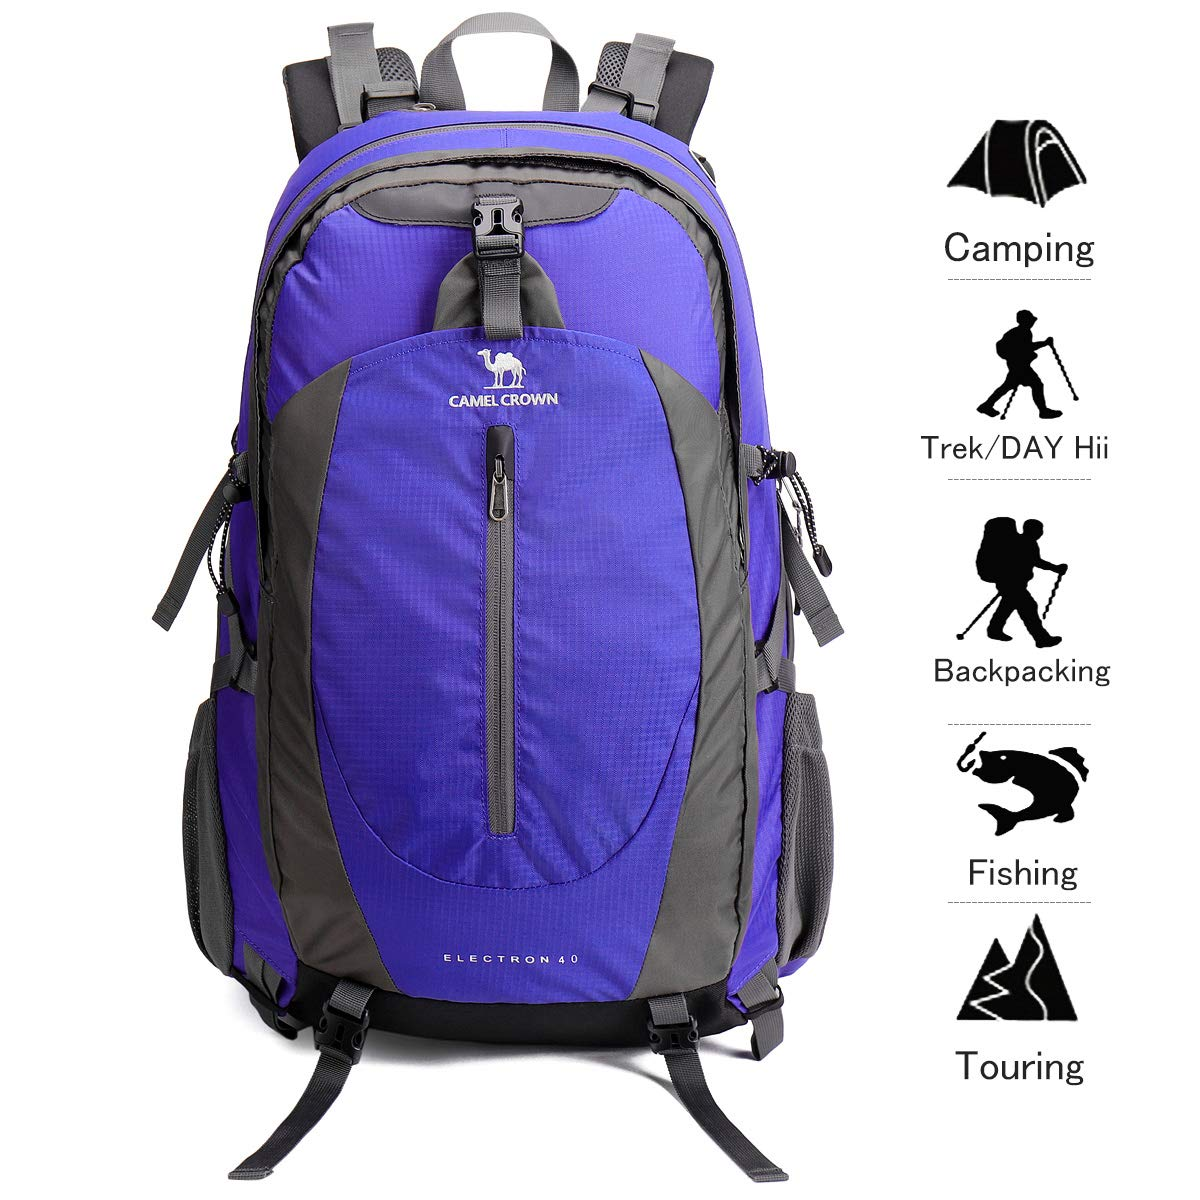 CAMEL CROWN Randonnée Sac à Dos Voyage léger Emballable Durable Étanche Sports Daypack pour Camping Pêche Voyage Cyclisme Ski Vert 40L